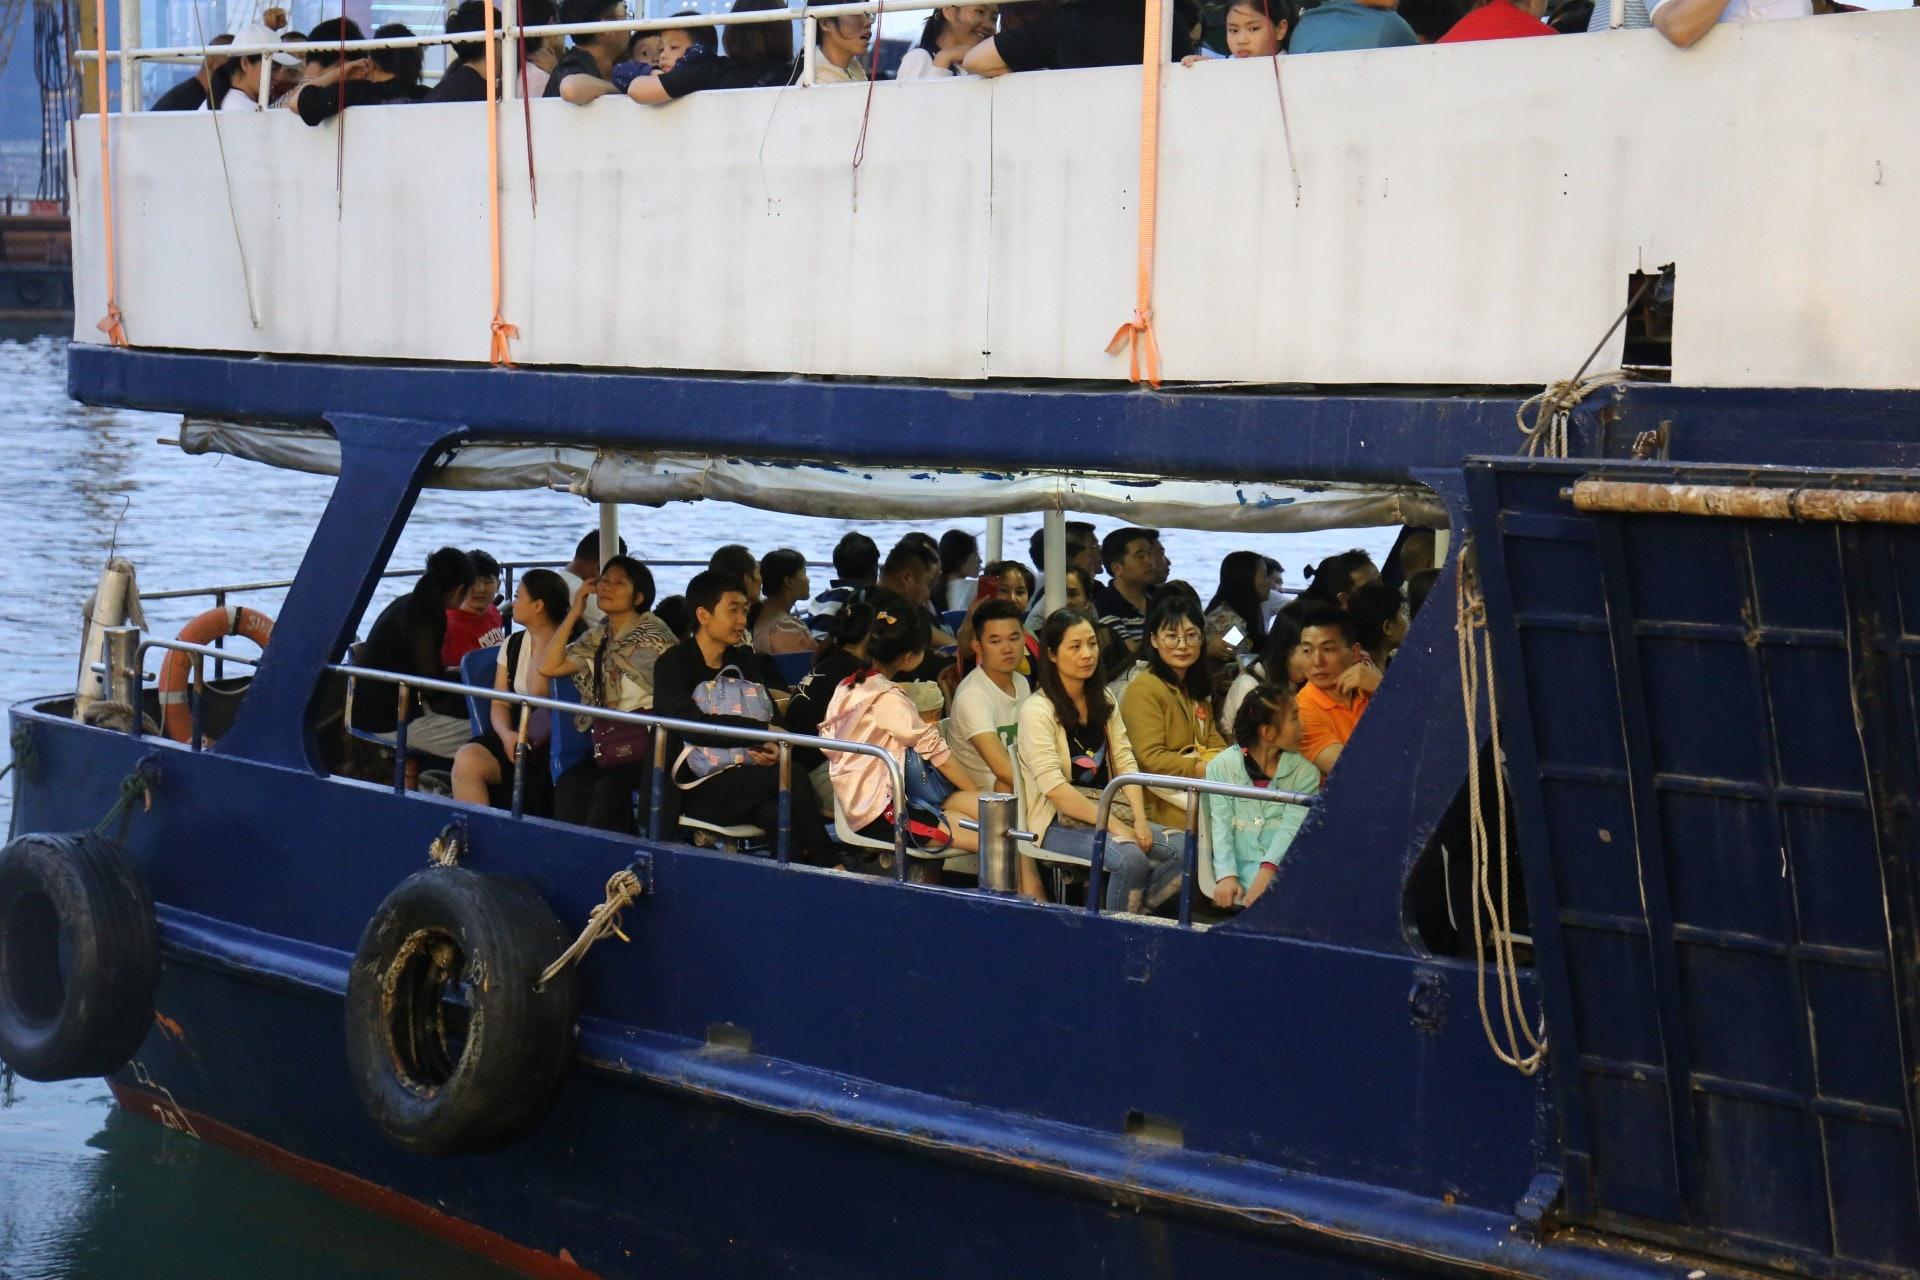 記者於勞動節假期到九龍城碼頭視察,發現有大陸內地旅行團於該處等候登船。(黃廸雯攝)